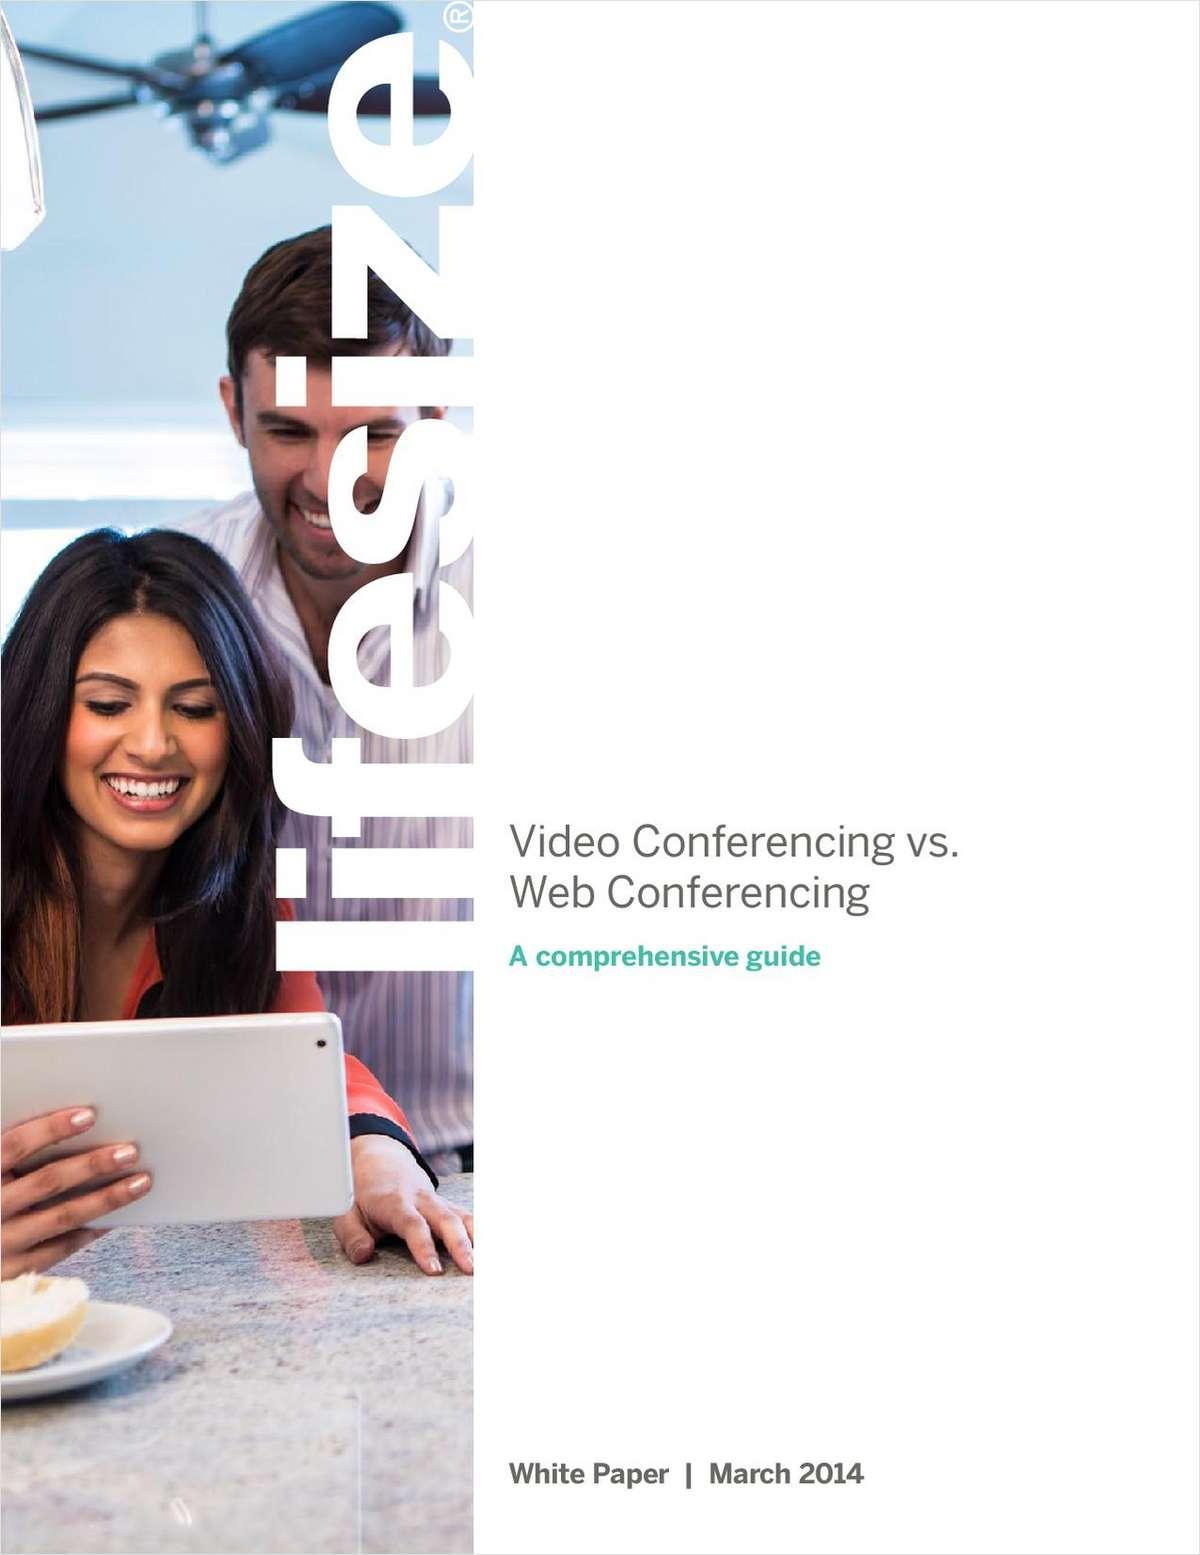 Video Conferencing vs. Web Conferencing